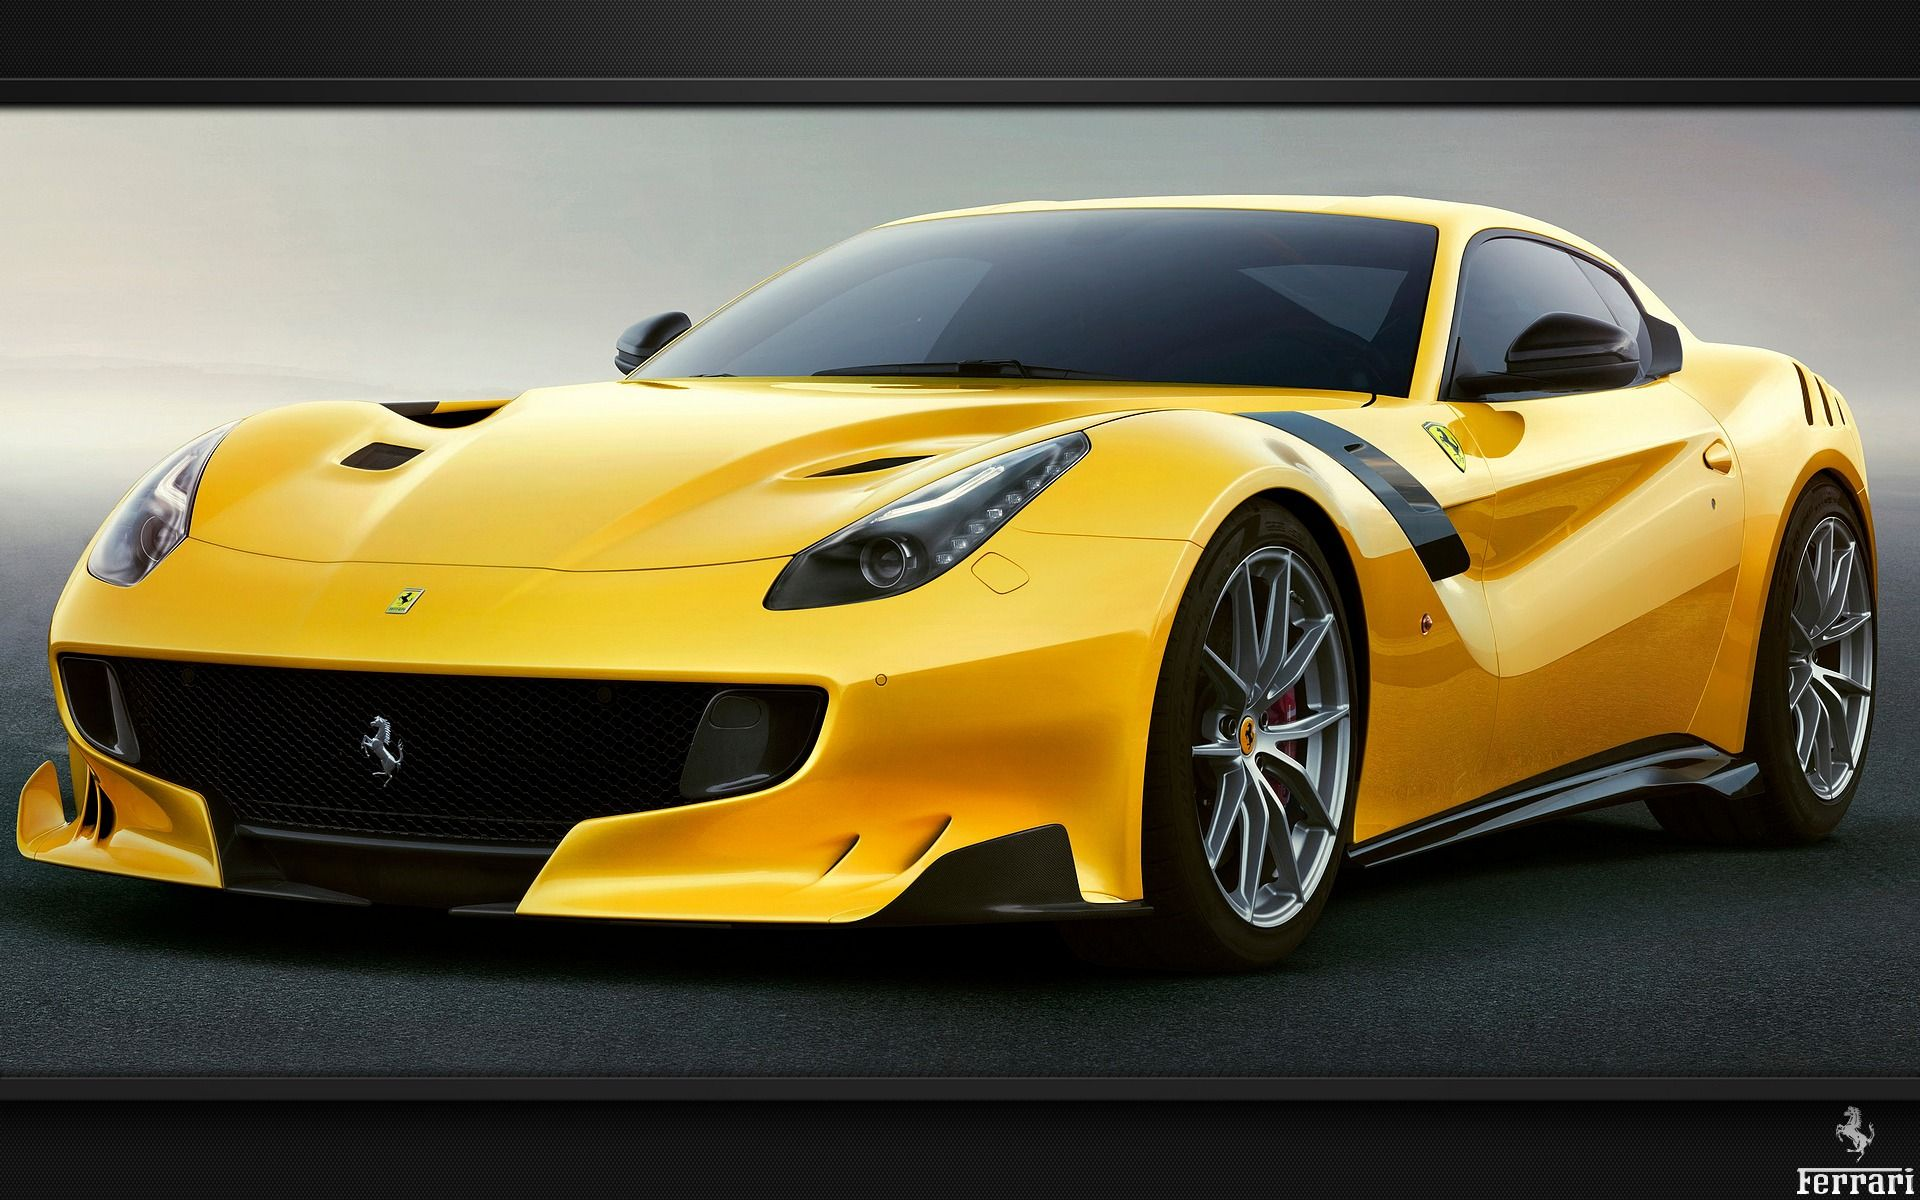 Exceptionnel voiture de sport Ferrari jaune F12-tdf | no1 | Pinterest | Ecran  NJ02